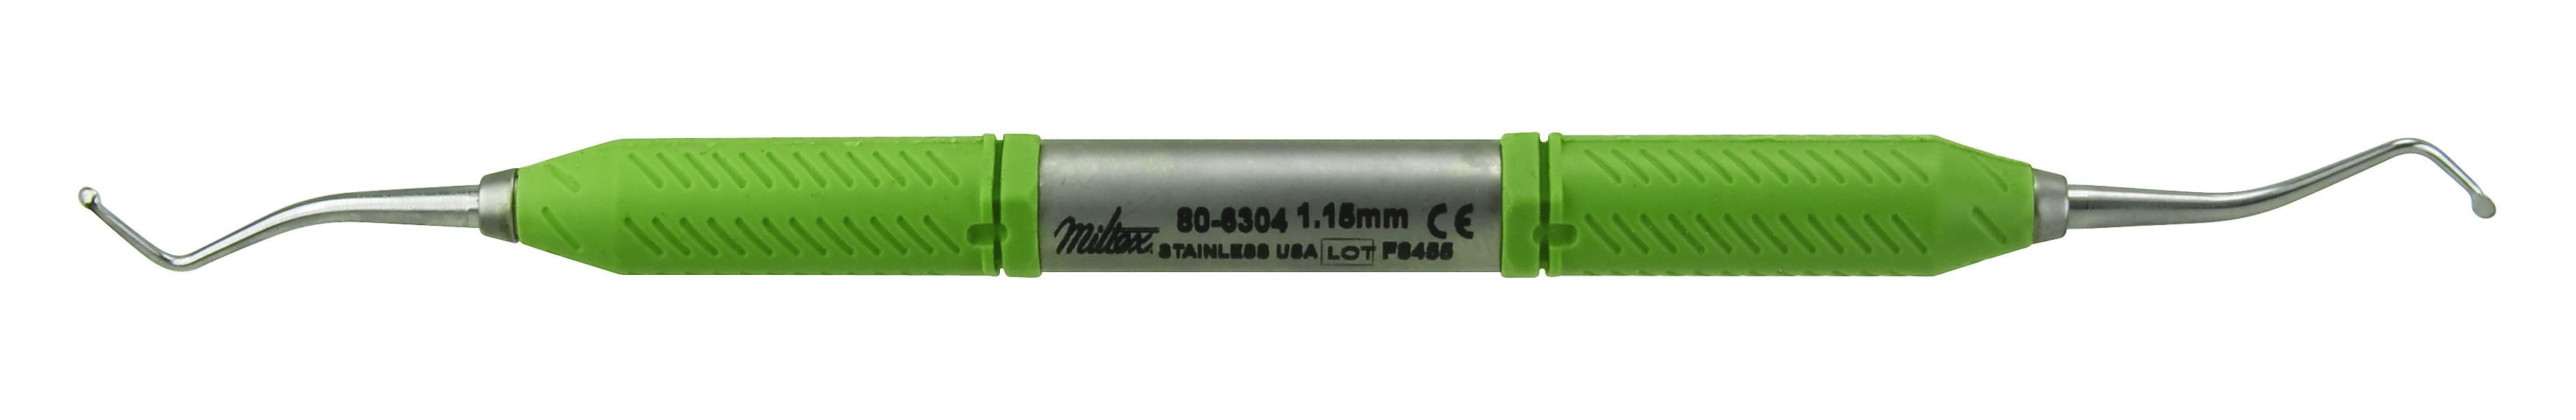 excavator-dbl-end-15mm-80-6304-miltex.jpg